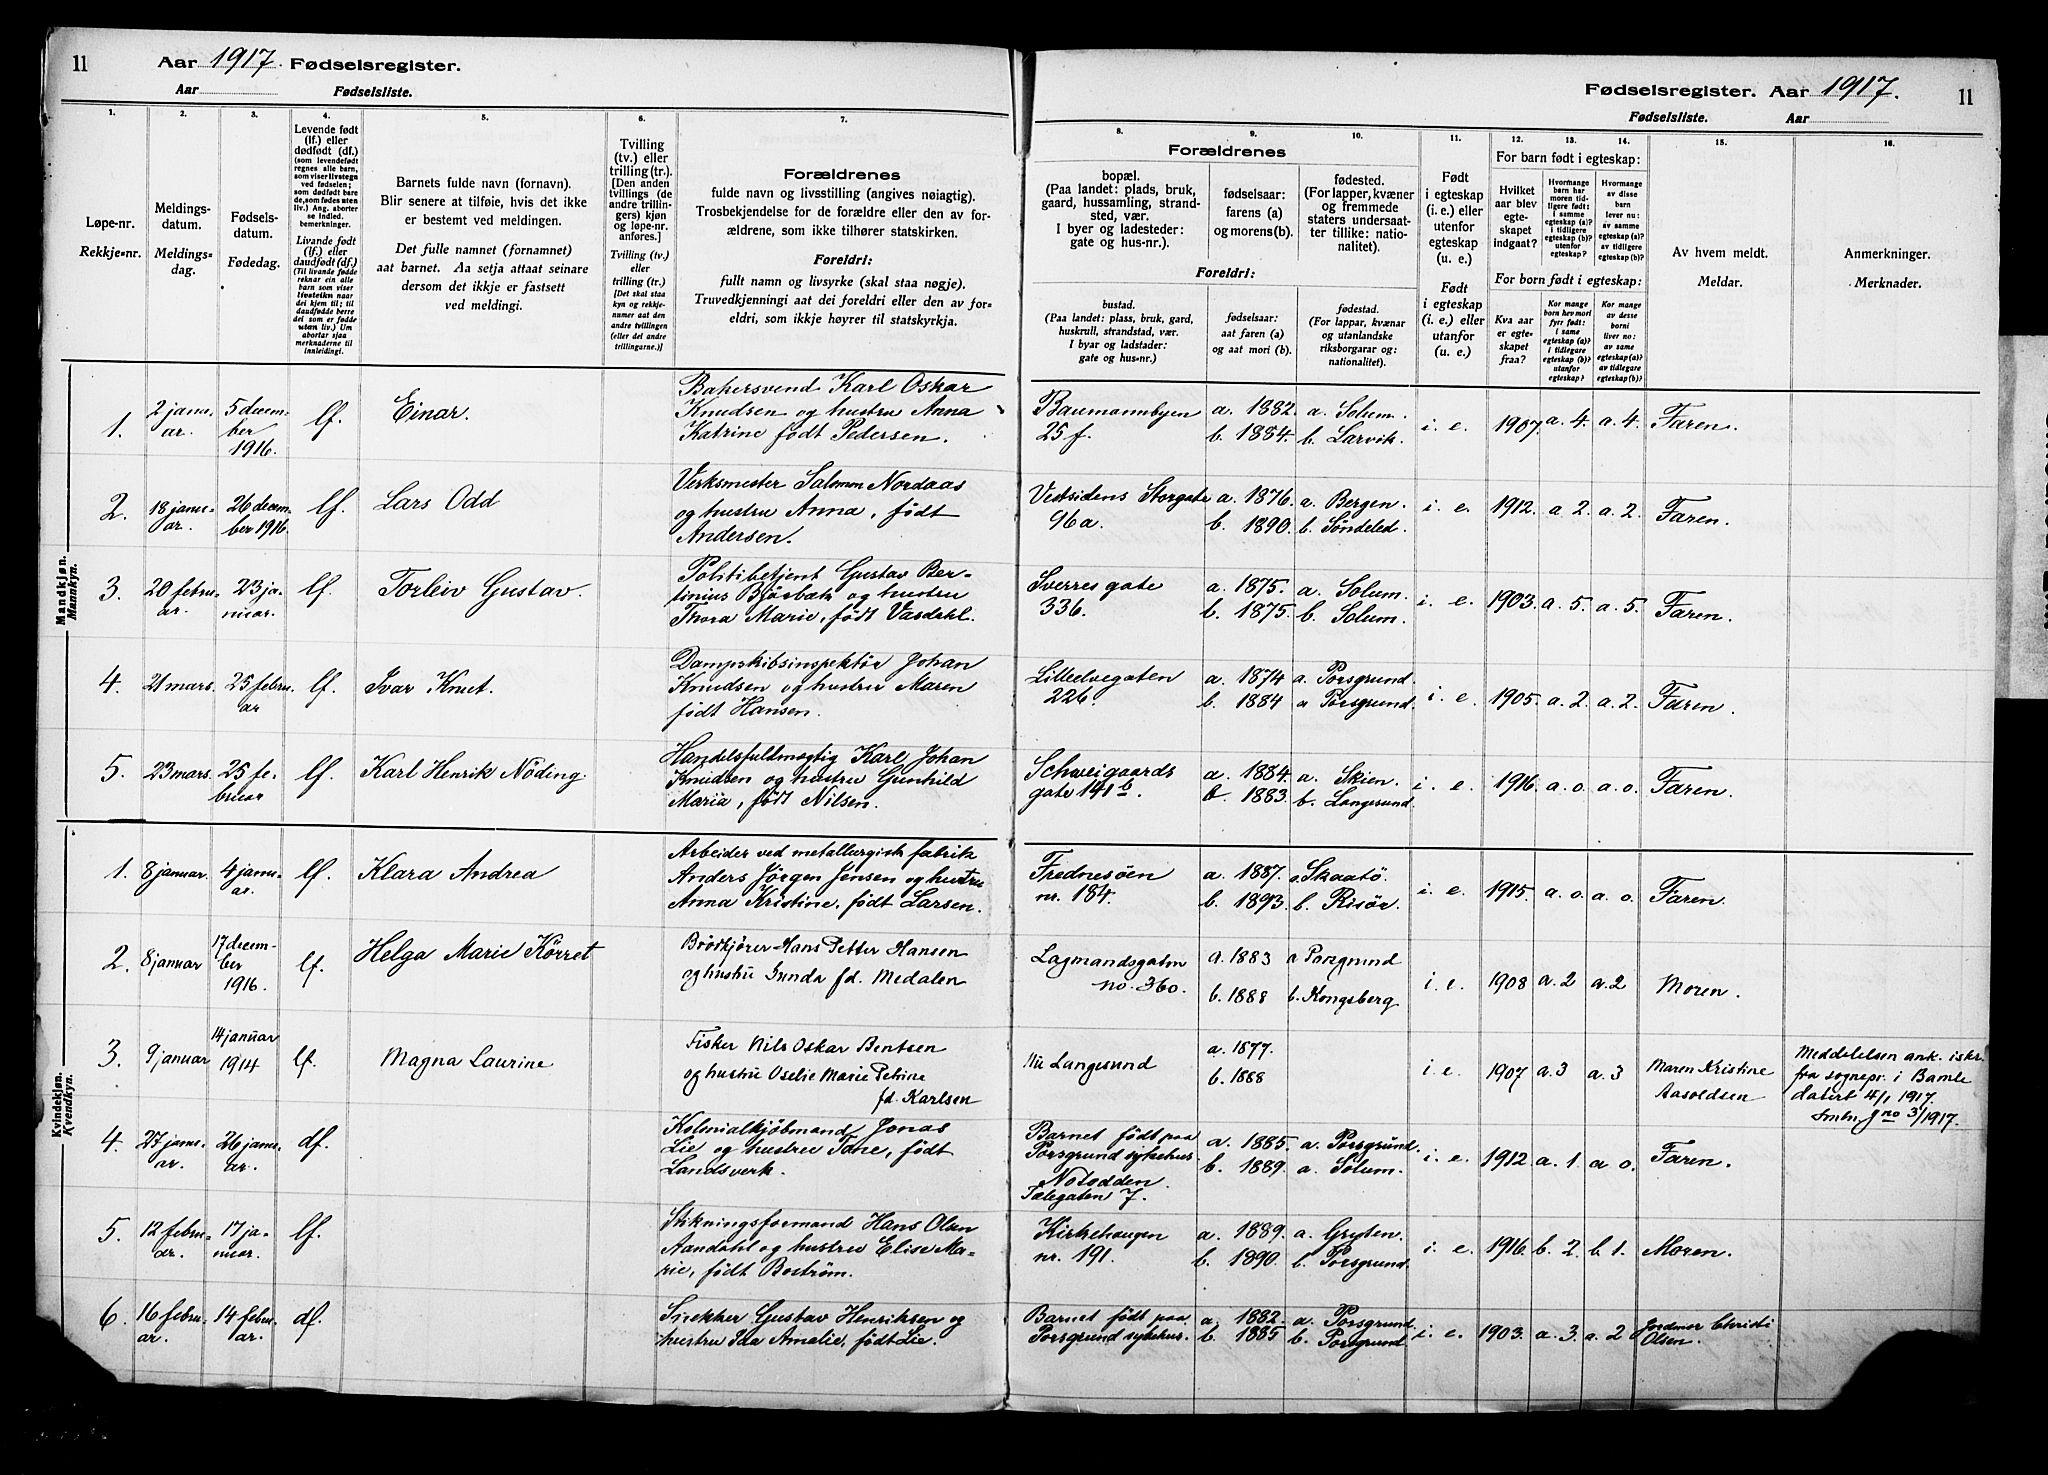 SAKO, Porsgrunn kirkebøker , J/Ja/L0001: Fødselsregister nr. 1, 1916-1929, s. 11